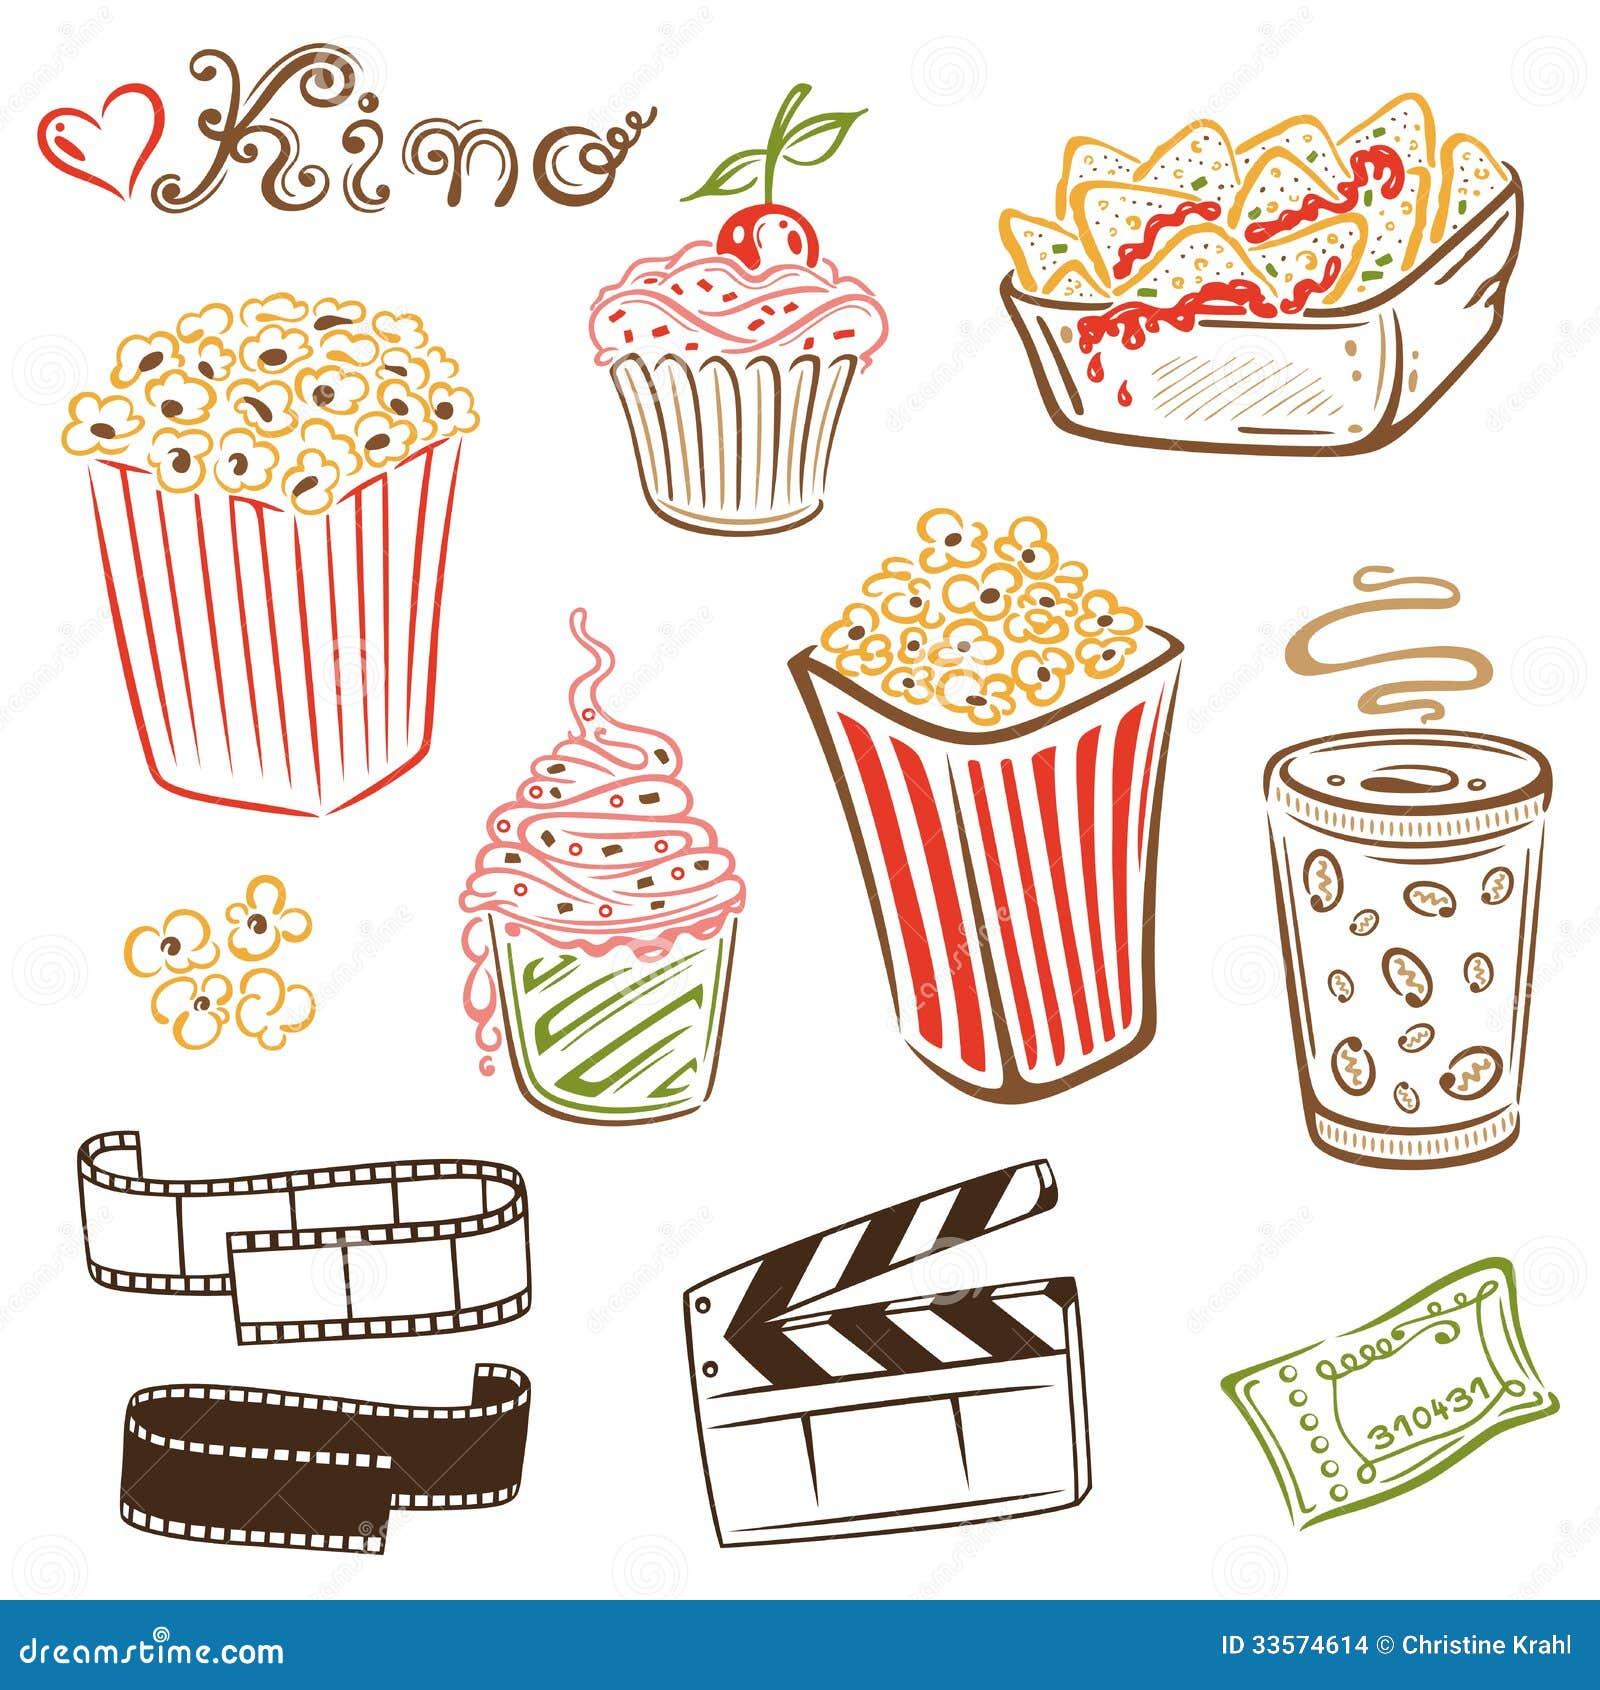 Κινηματογράφος, κινηματογράφος, popcorn